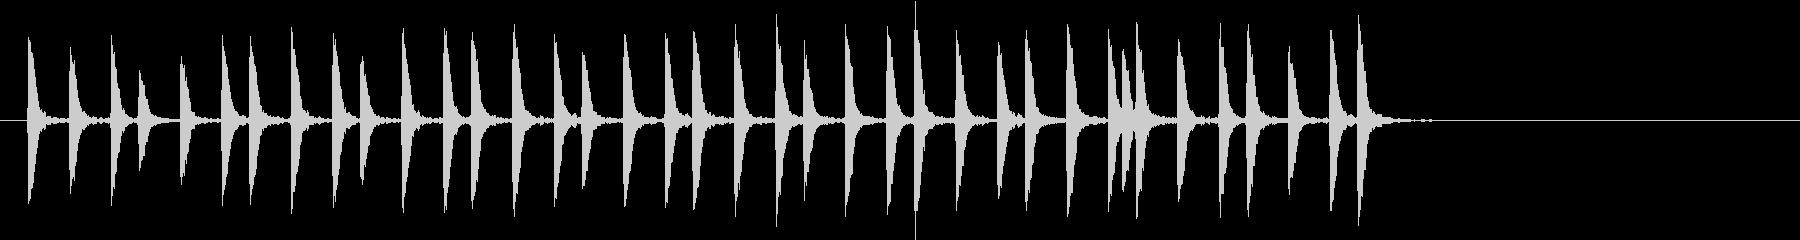 トットットタットットの未再生の波形